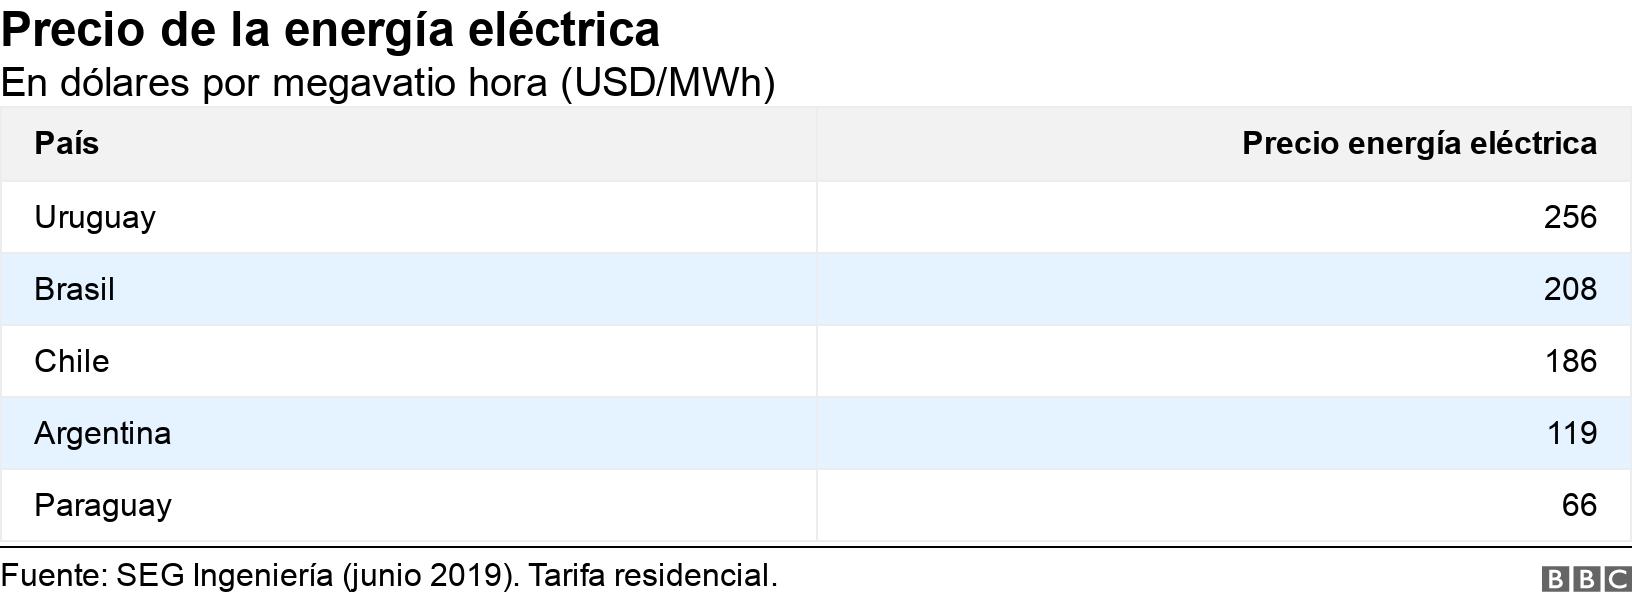 Precio de la energía eléctrica. En dólares por megavatio hora (USD/MWh).  .